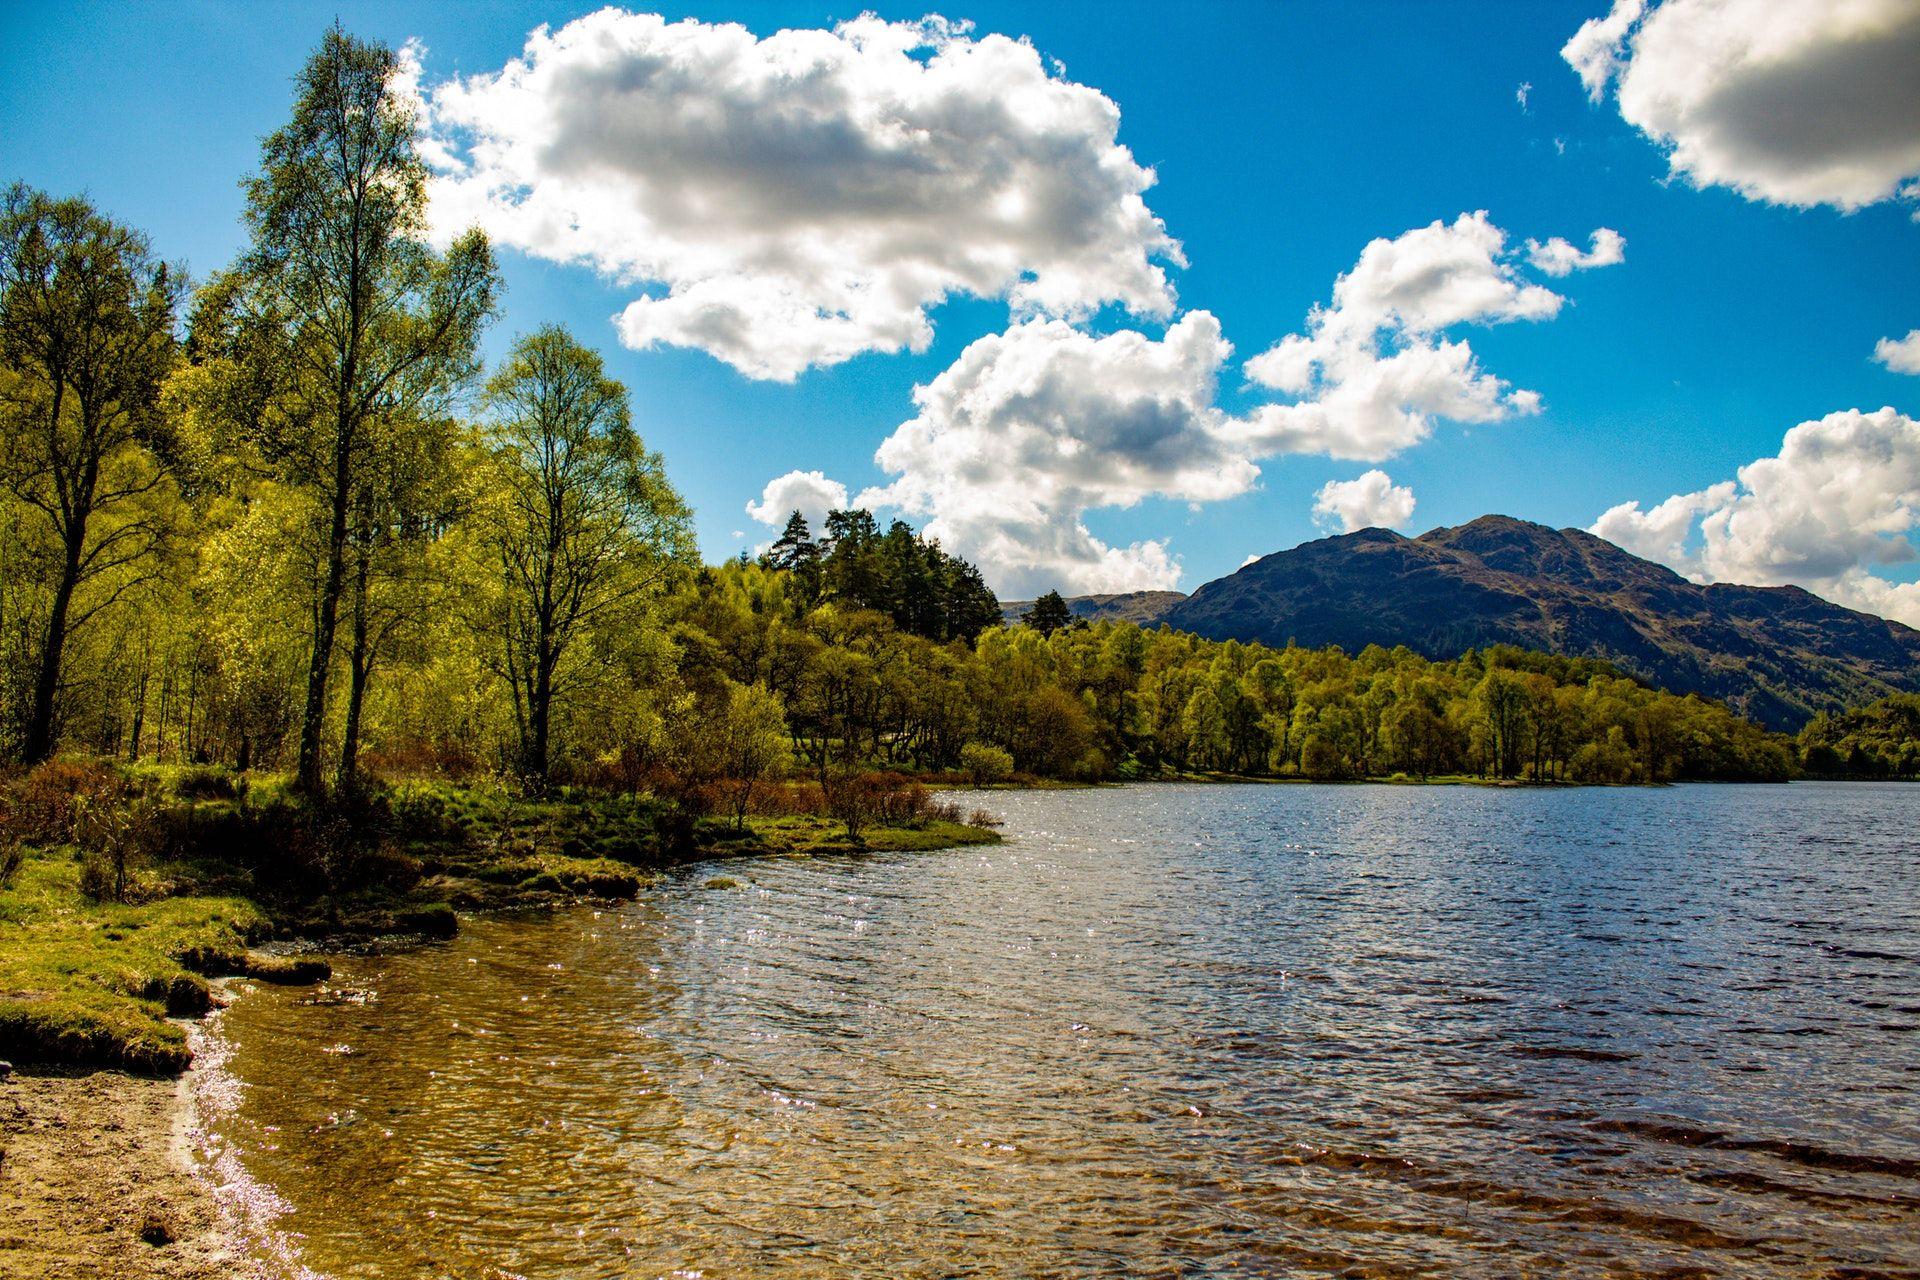 عکس زمینه آب احاطه شده توسط درختان و ابر HDR پس زمینه